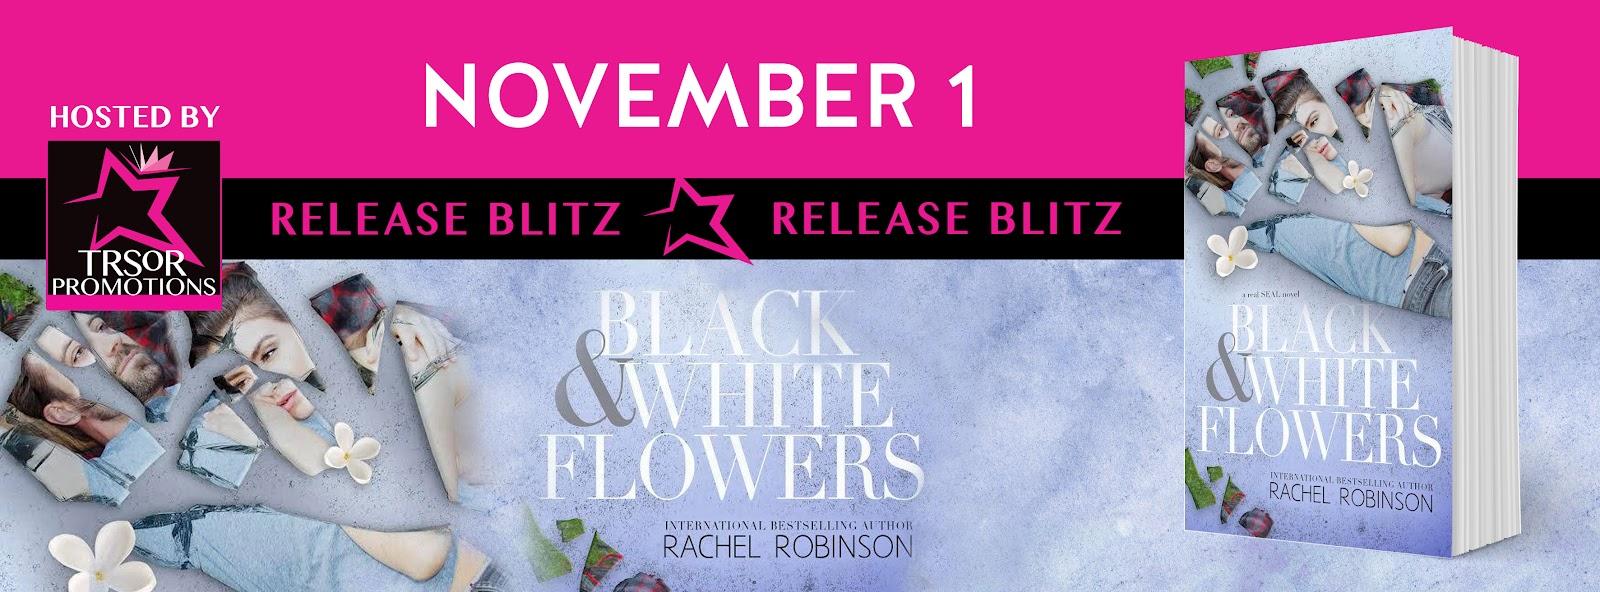 BW_FLOWERS_RELEASE_BLITZ.jpg